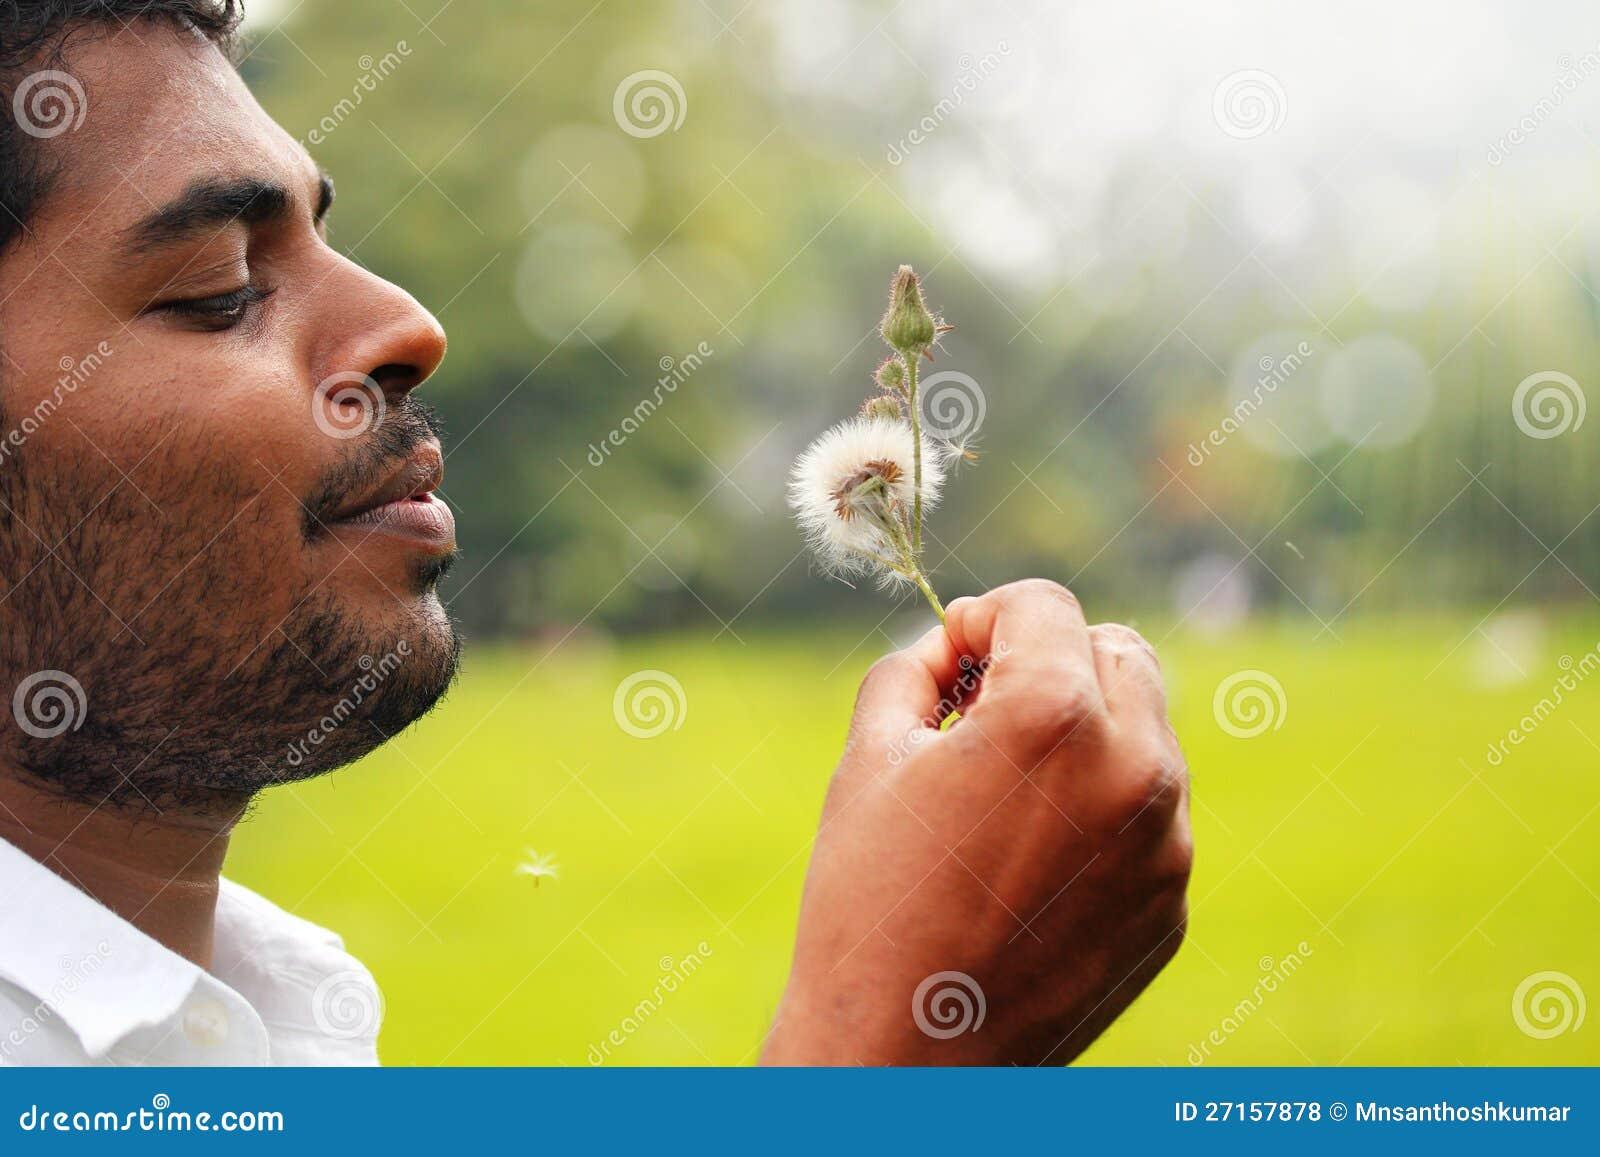 Flor de sopro do dente-de-leão do homem indiano brincalhão, livre